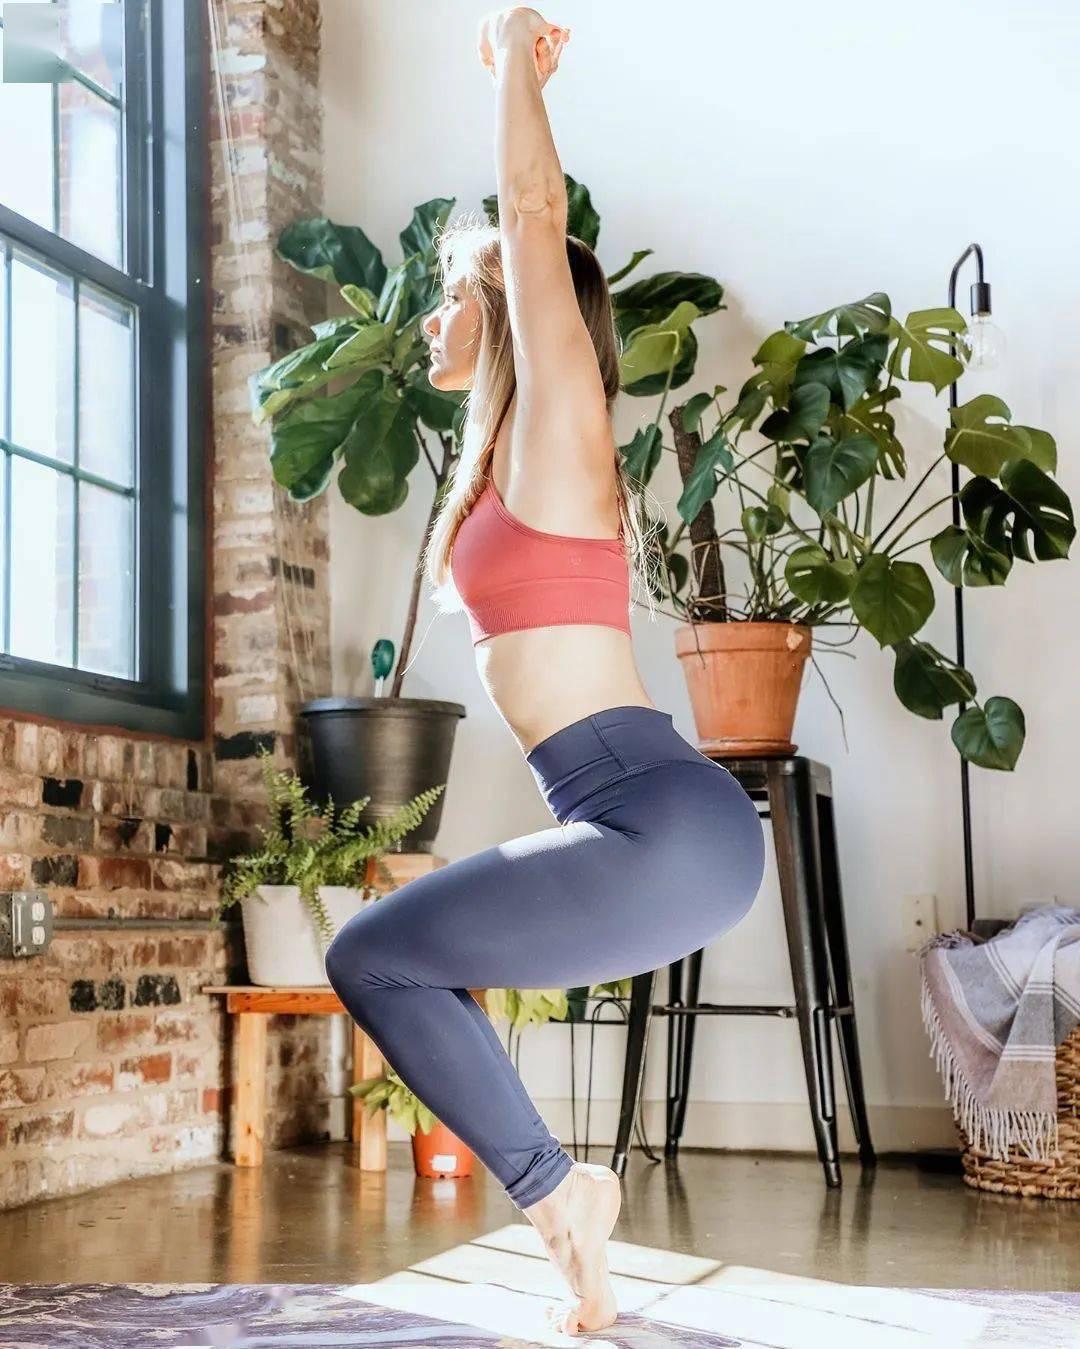 练瑜伽,身体总爱晃动?可能是这两个原因!_核心